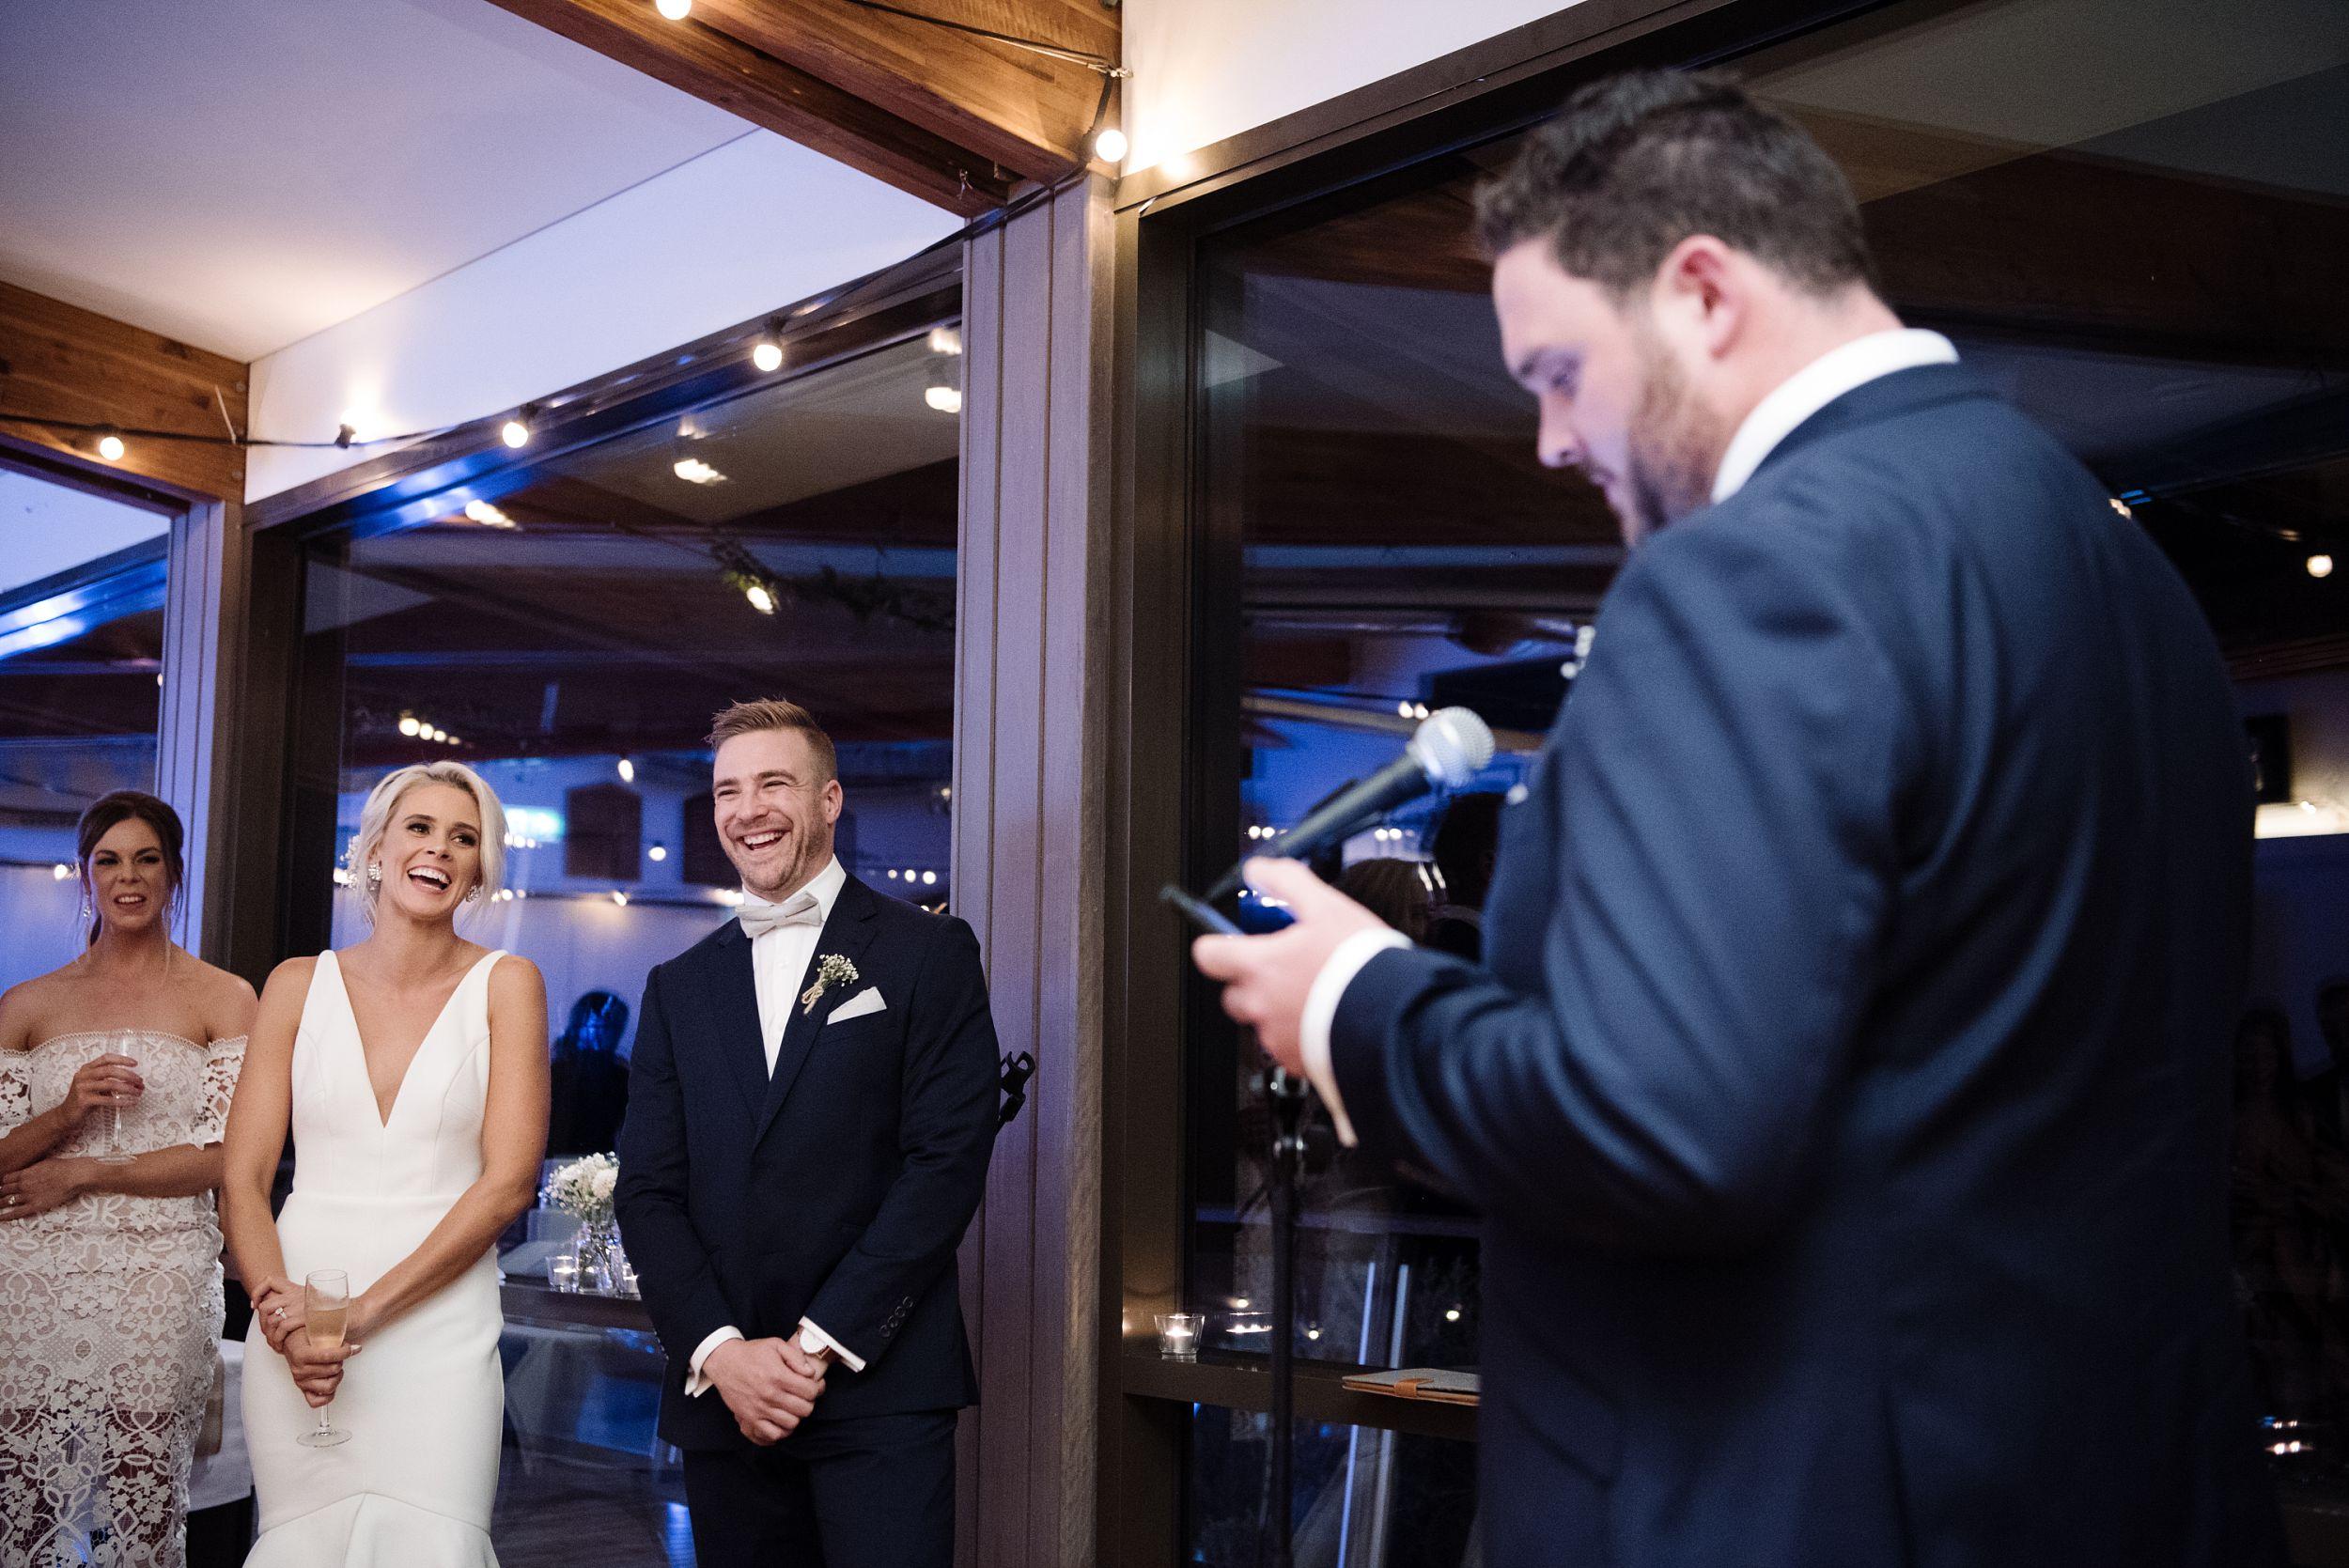 Fairhaven_wedding-Great-ocean-rd_0066.jpg